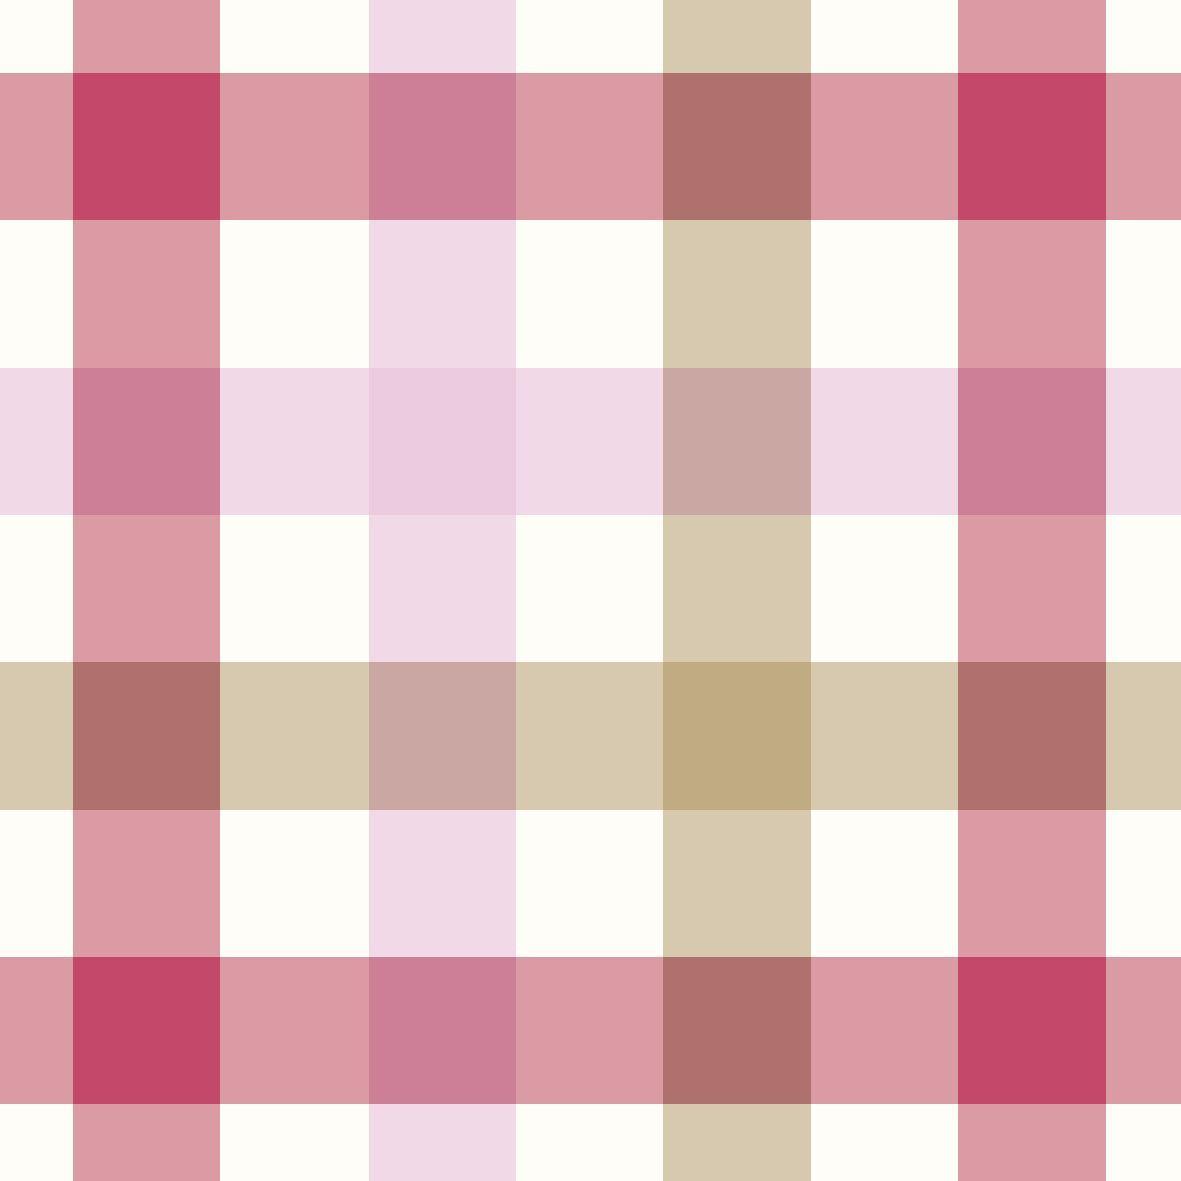 Салфетки бумажные Duni, 3-слойные, цвет: белый, 33 х 33 см162734Трехслойные бумажные салфетки изготовлены из экологически чистого, высококачественного сырья - 100% целлюлозы. Салфетки выполнены в оригинальном и современном стиле, прекрасно сочетаются с любым интерьером и всегда будут прекрасным и незаменимым украшением стола.